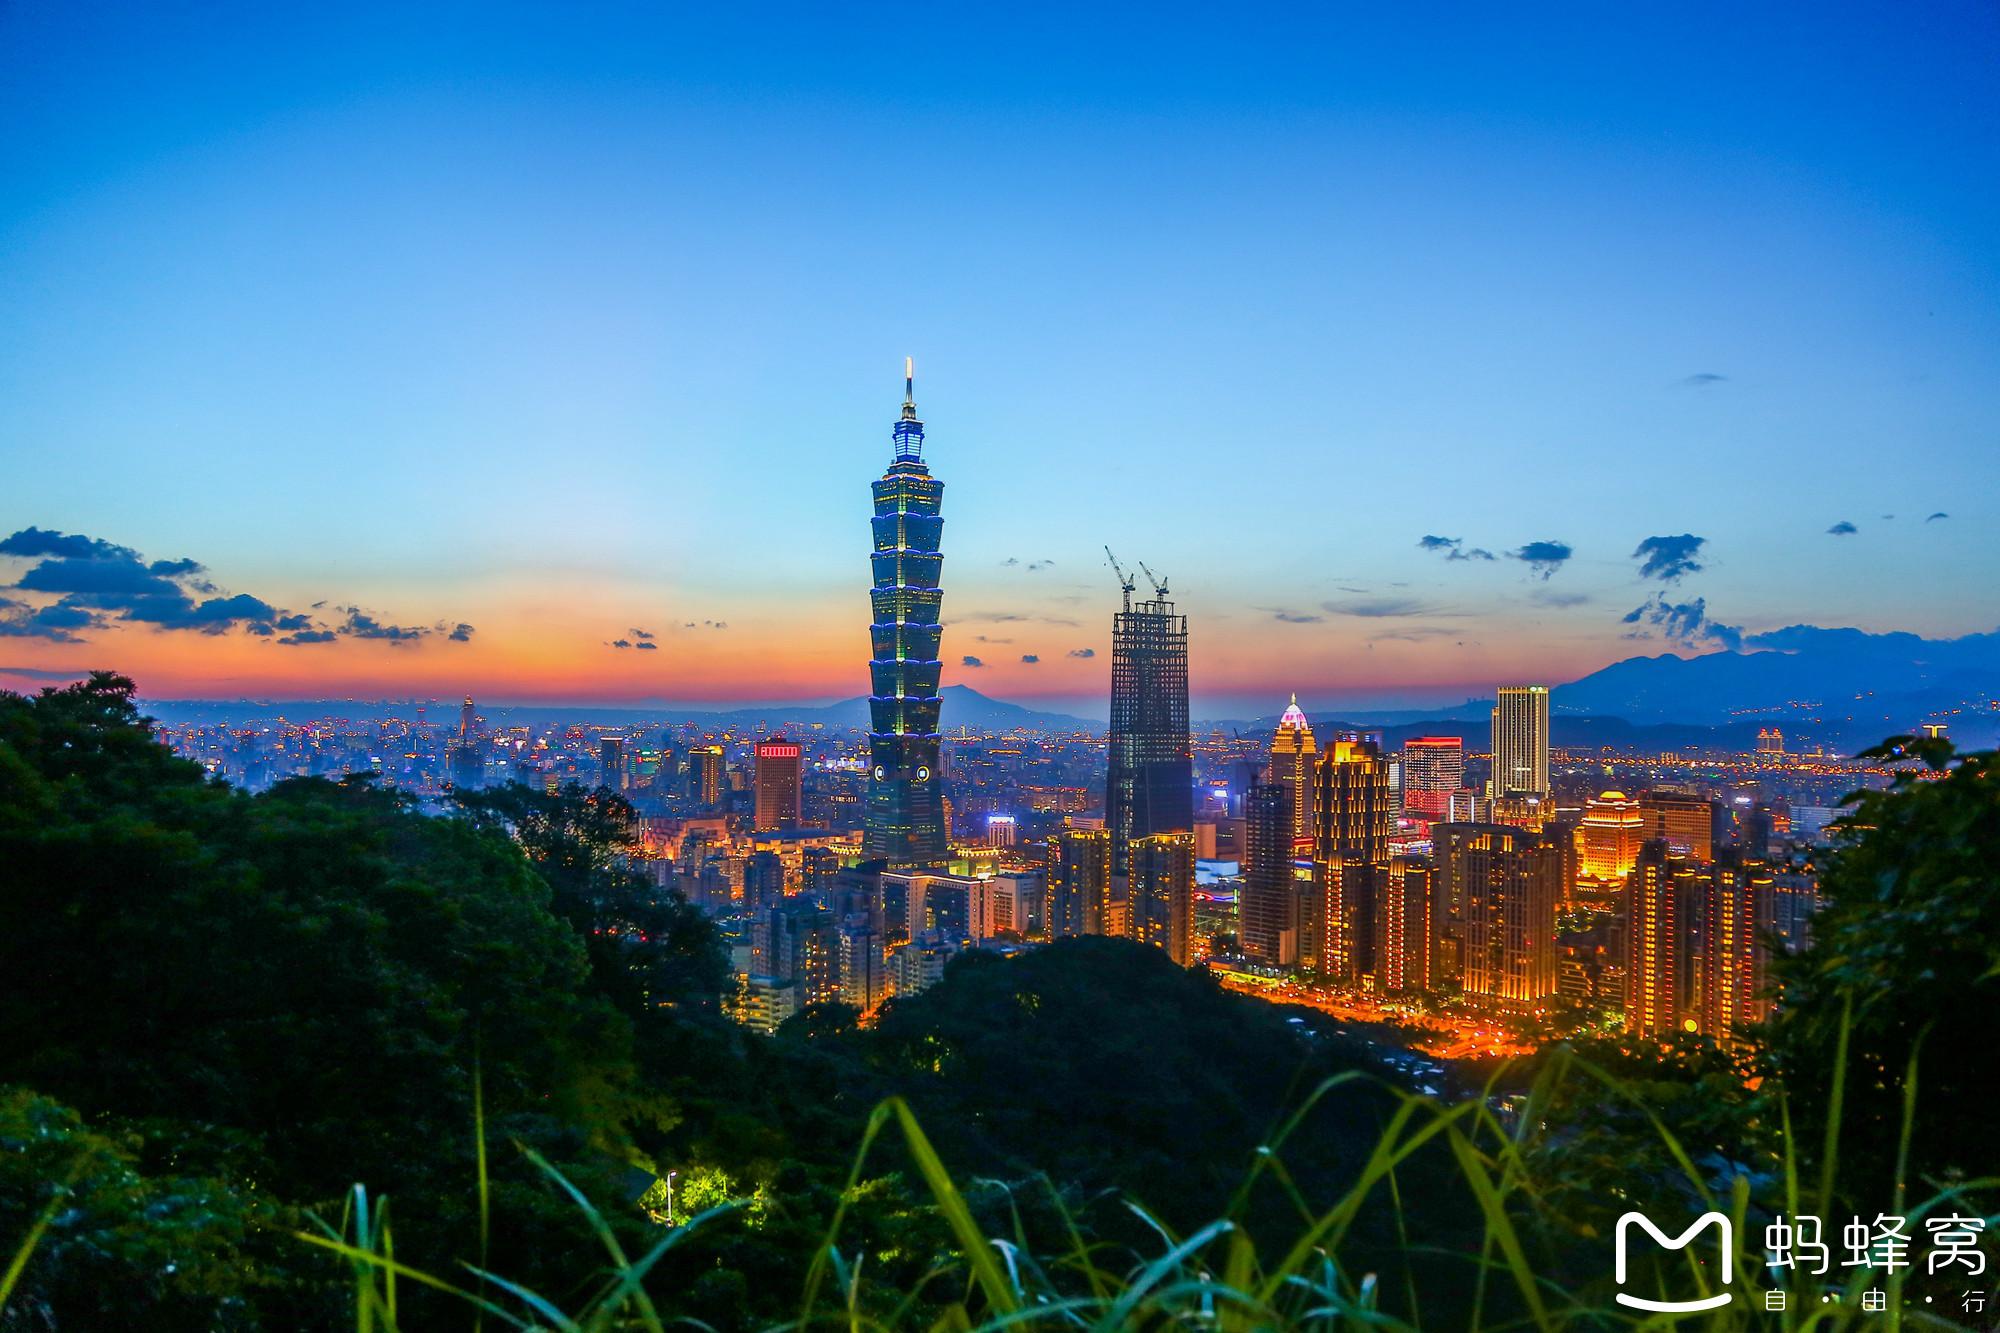 鲁鲁阁图片_台湾旅游图片,台湾自助游图片,台湾旅游景点照片 - 马蜂窝图库 ...